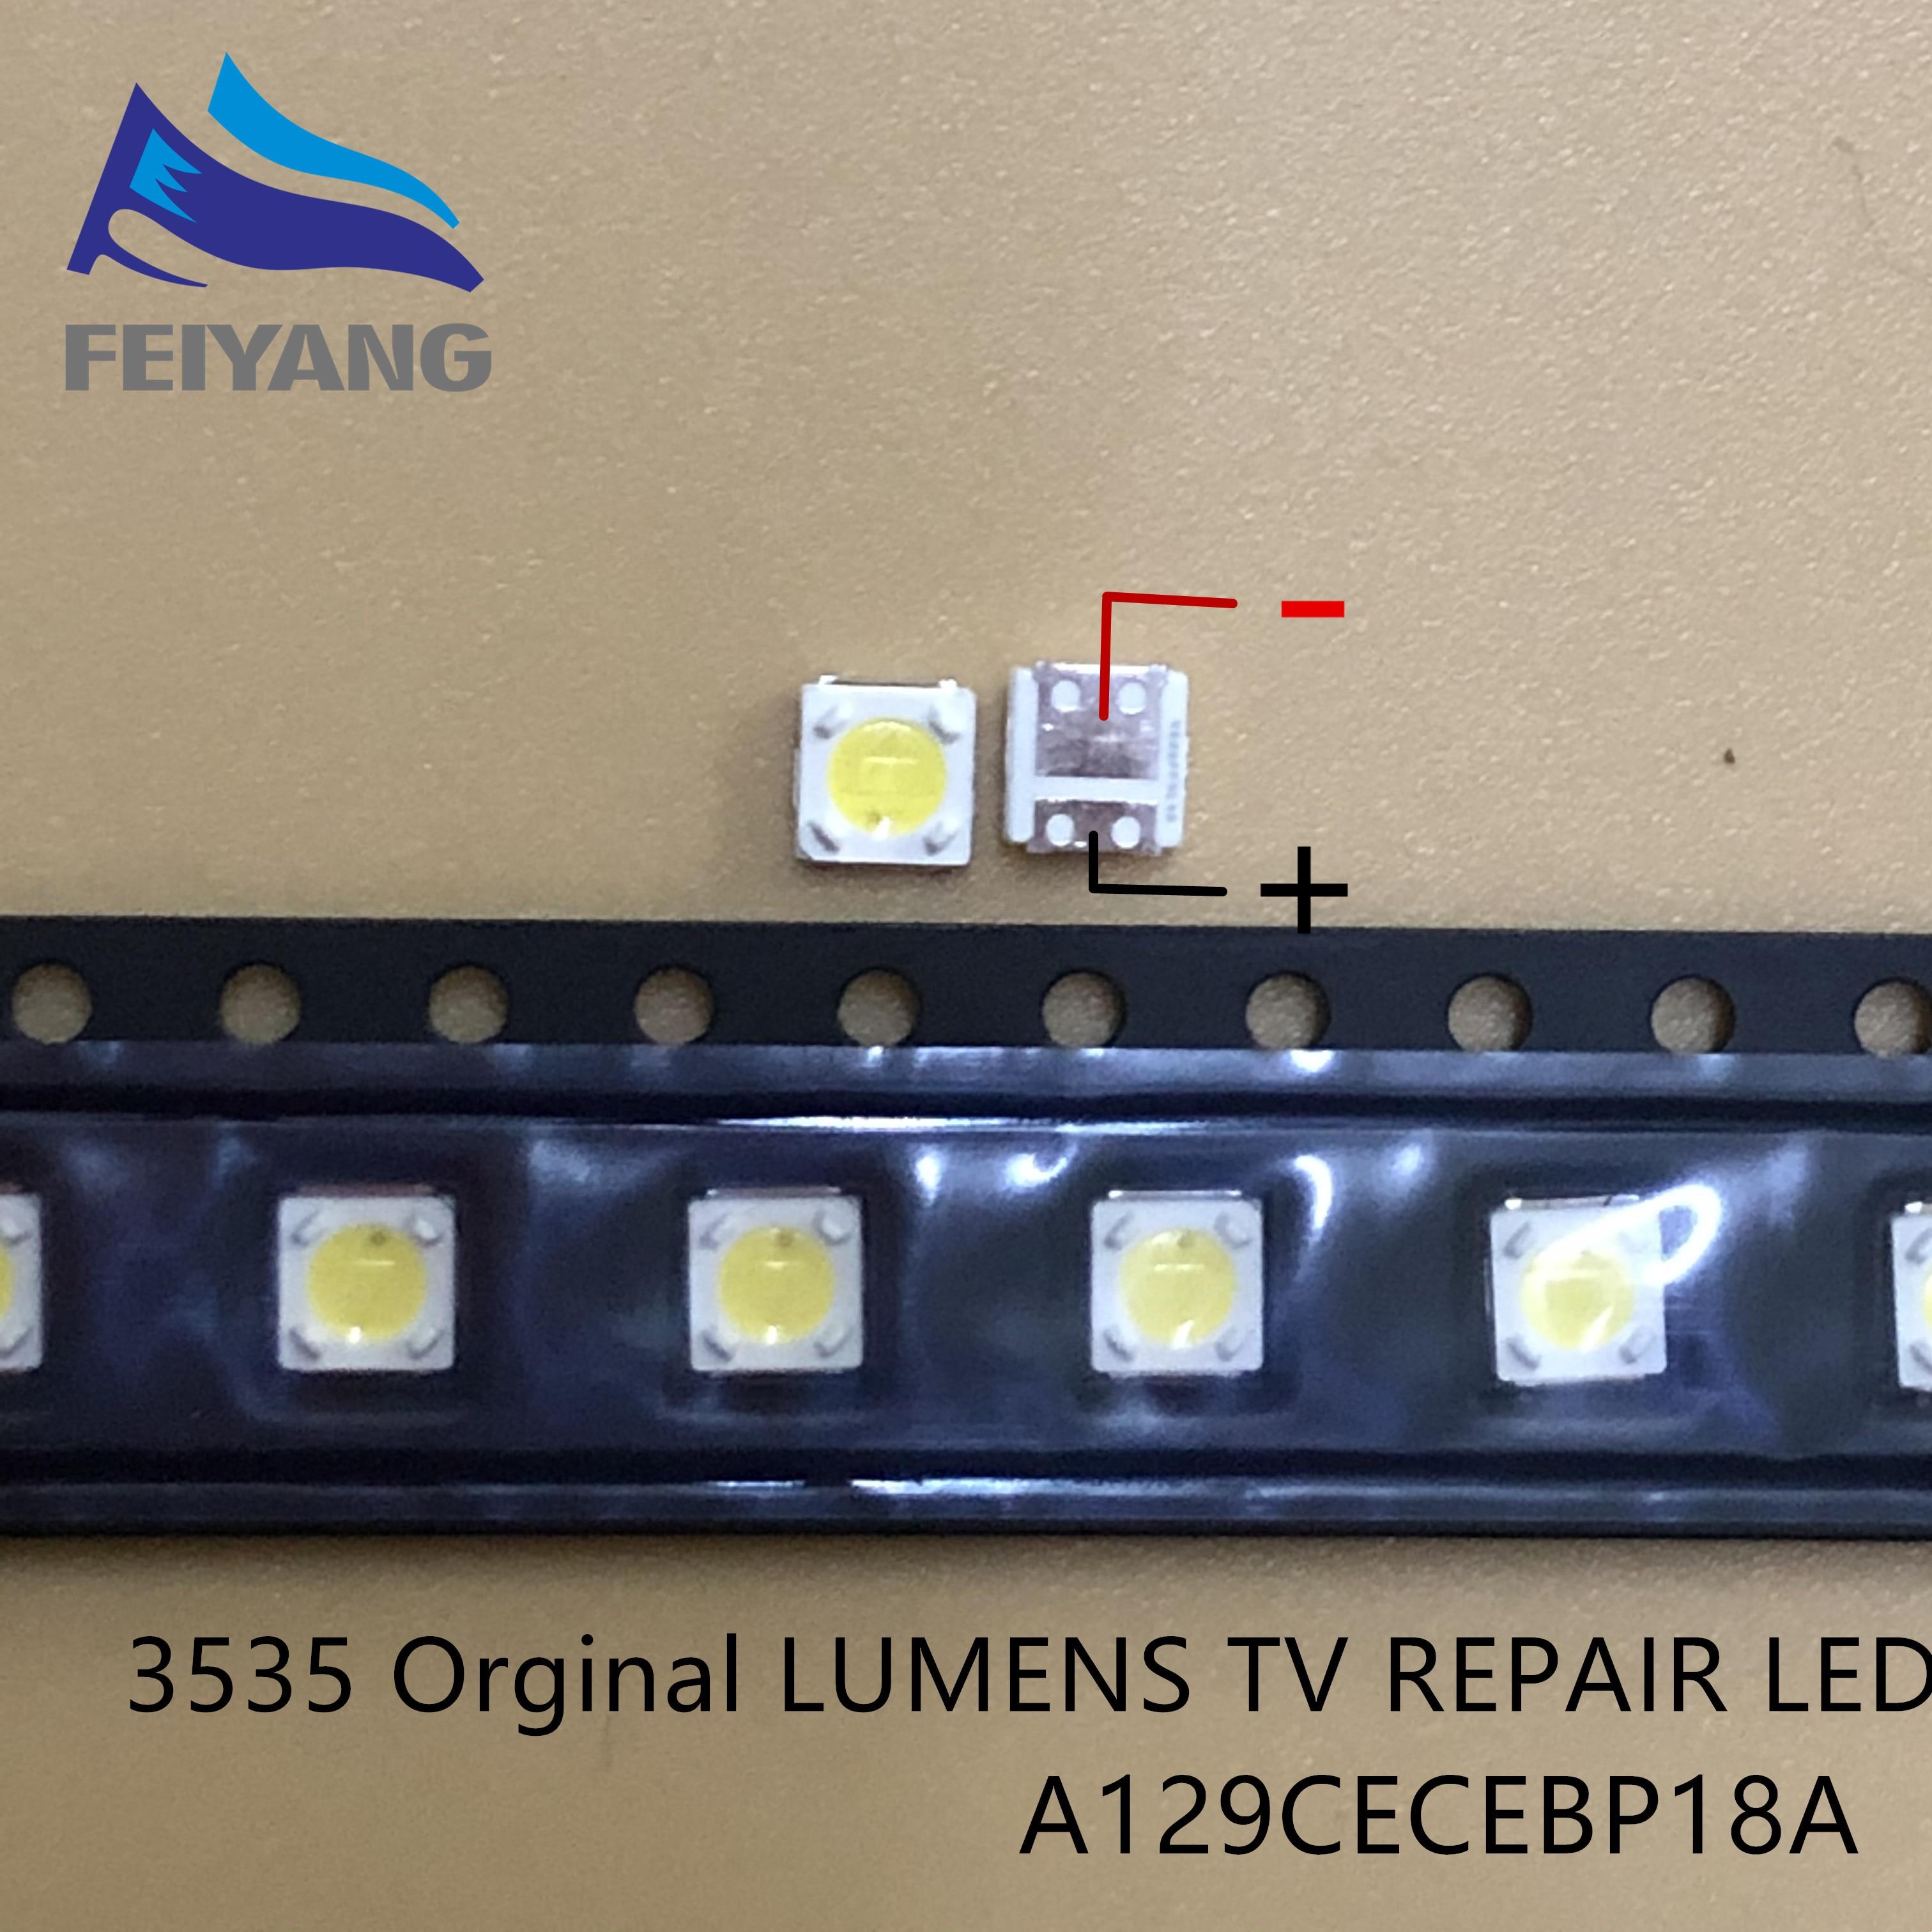 50 Uds retroiluminación de LED de lúmenes 1W 3V 3535, 3537 blanco iluminación LCD trasera para TV aplicación de TV A129CECEBP18A-2092 4JIAO